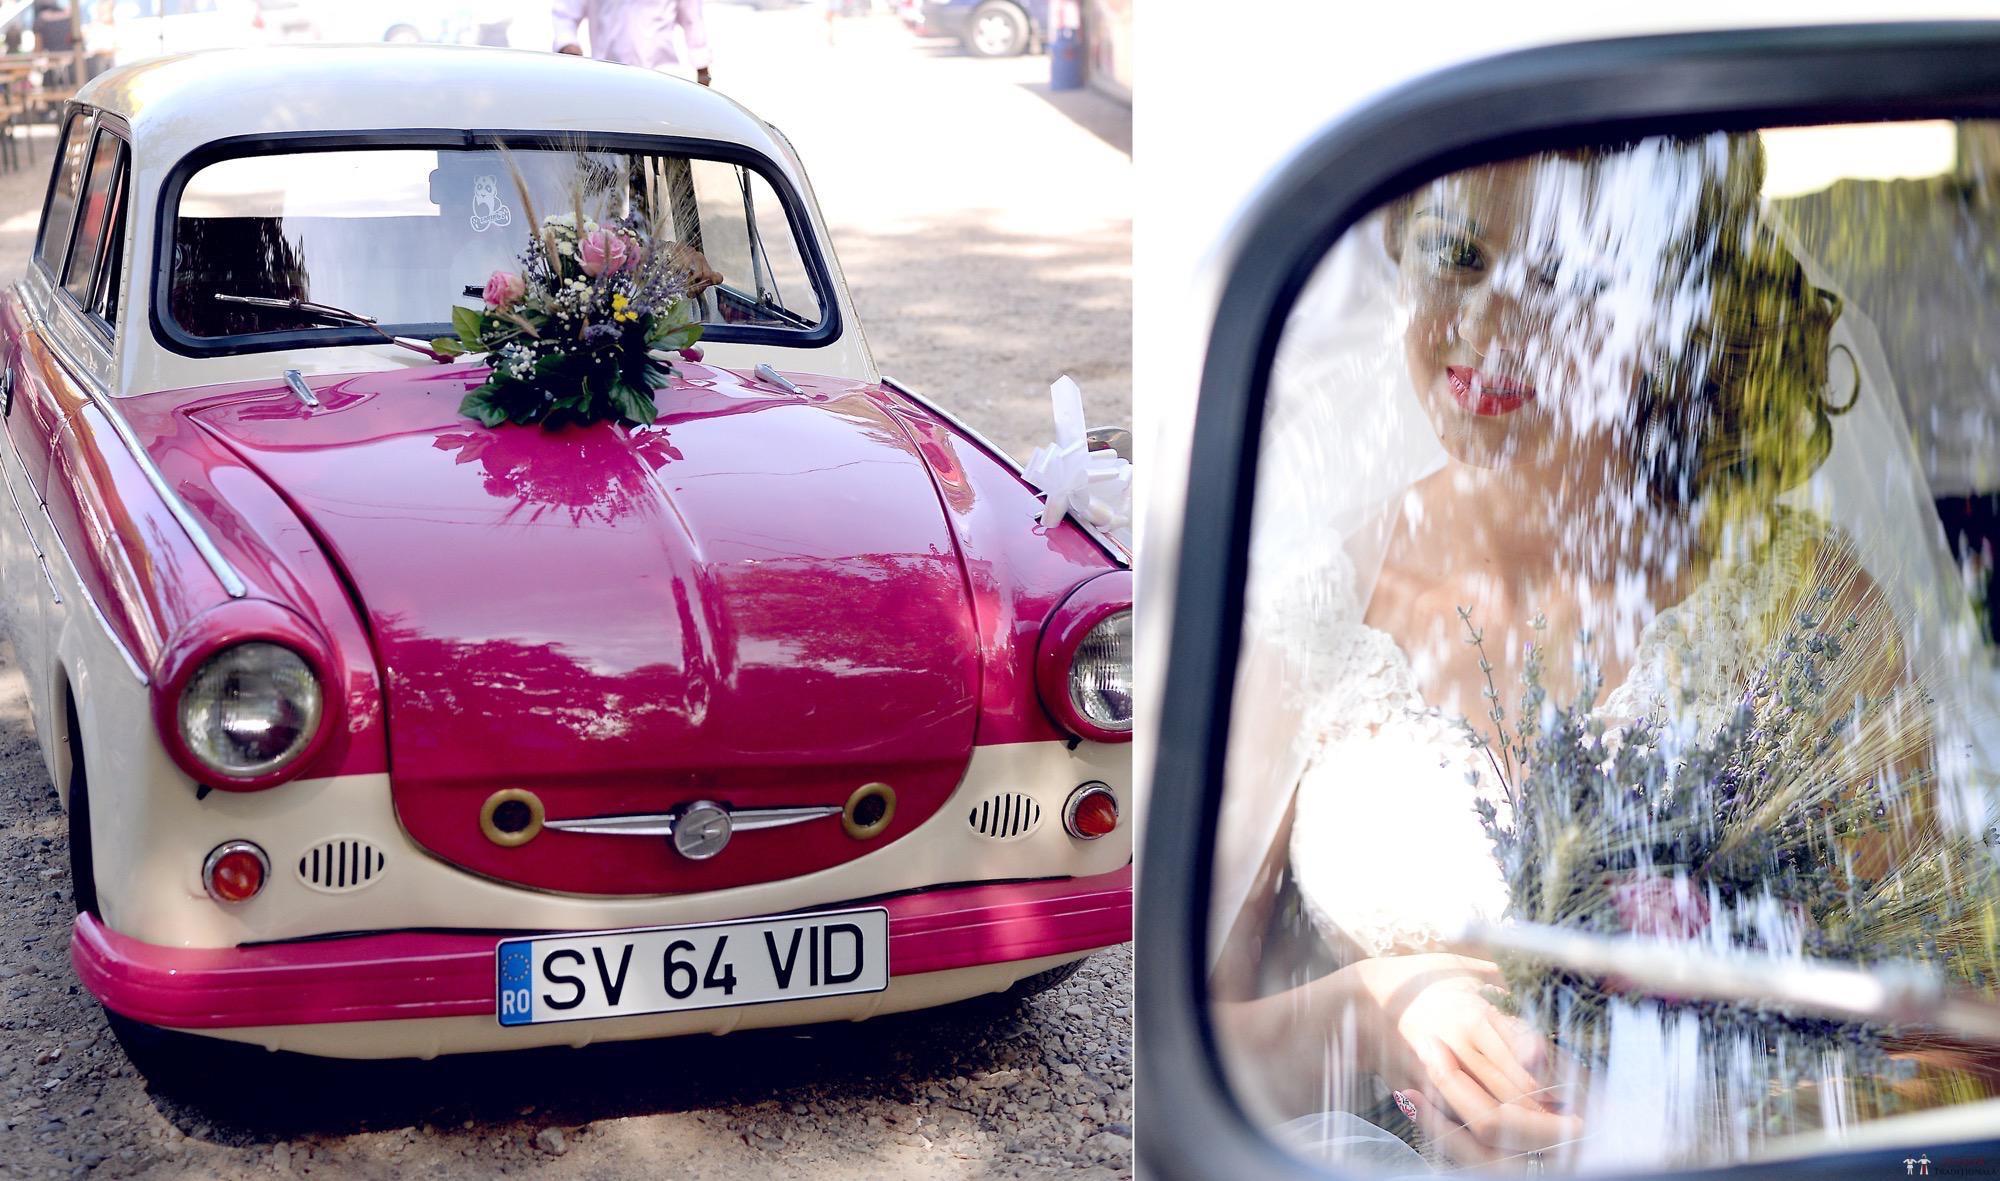 Povești Nunți Tradiționale - Iulia și Andrei. Nuntă tradițională în Bucovina. 59